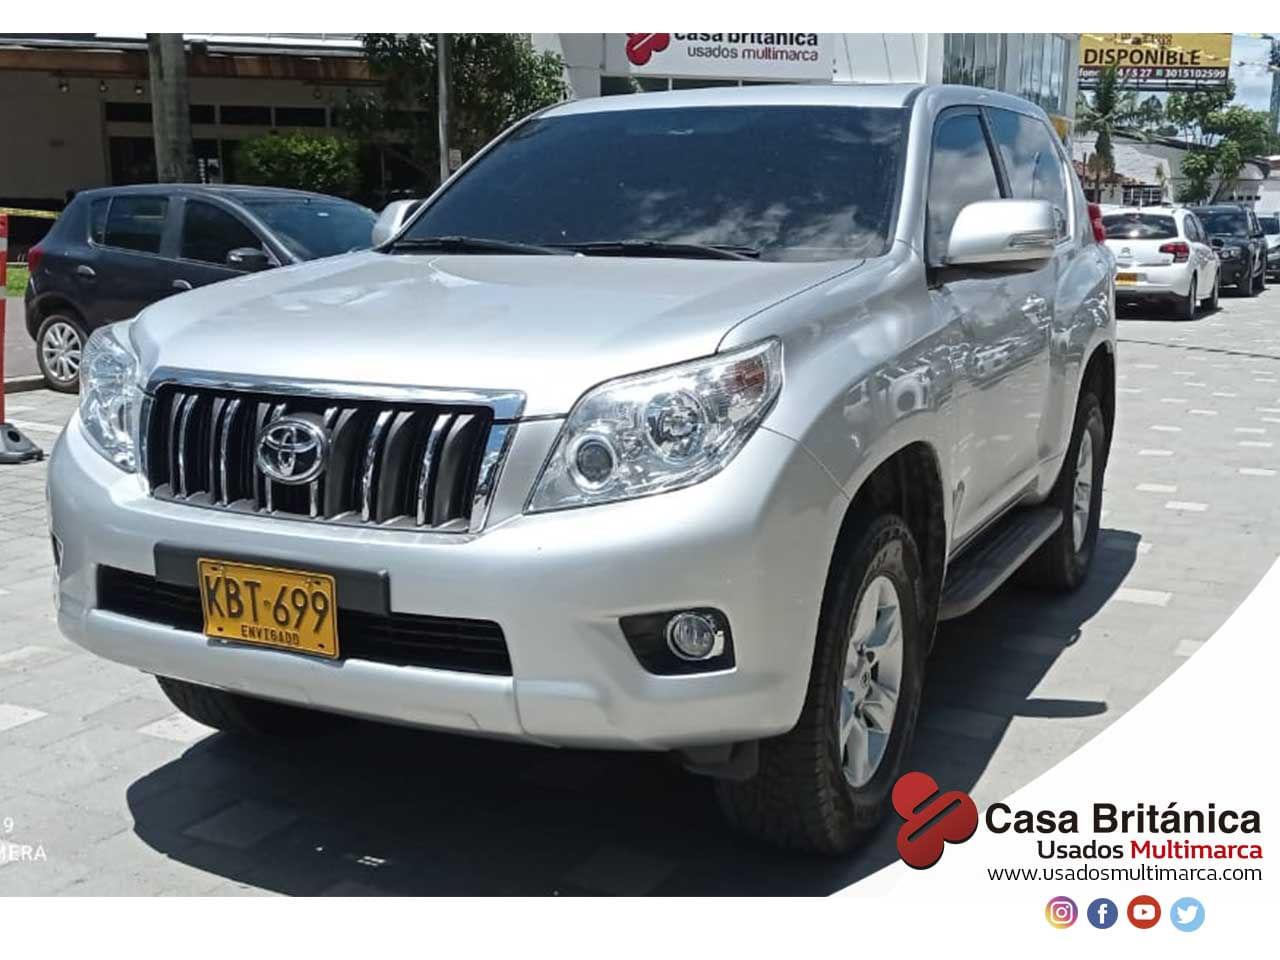 Toyota-Prado-Sumo-01451776-1